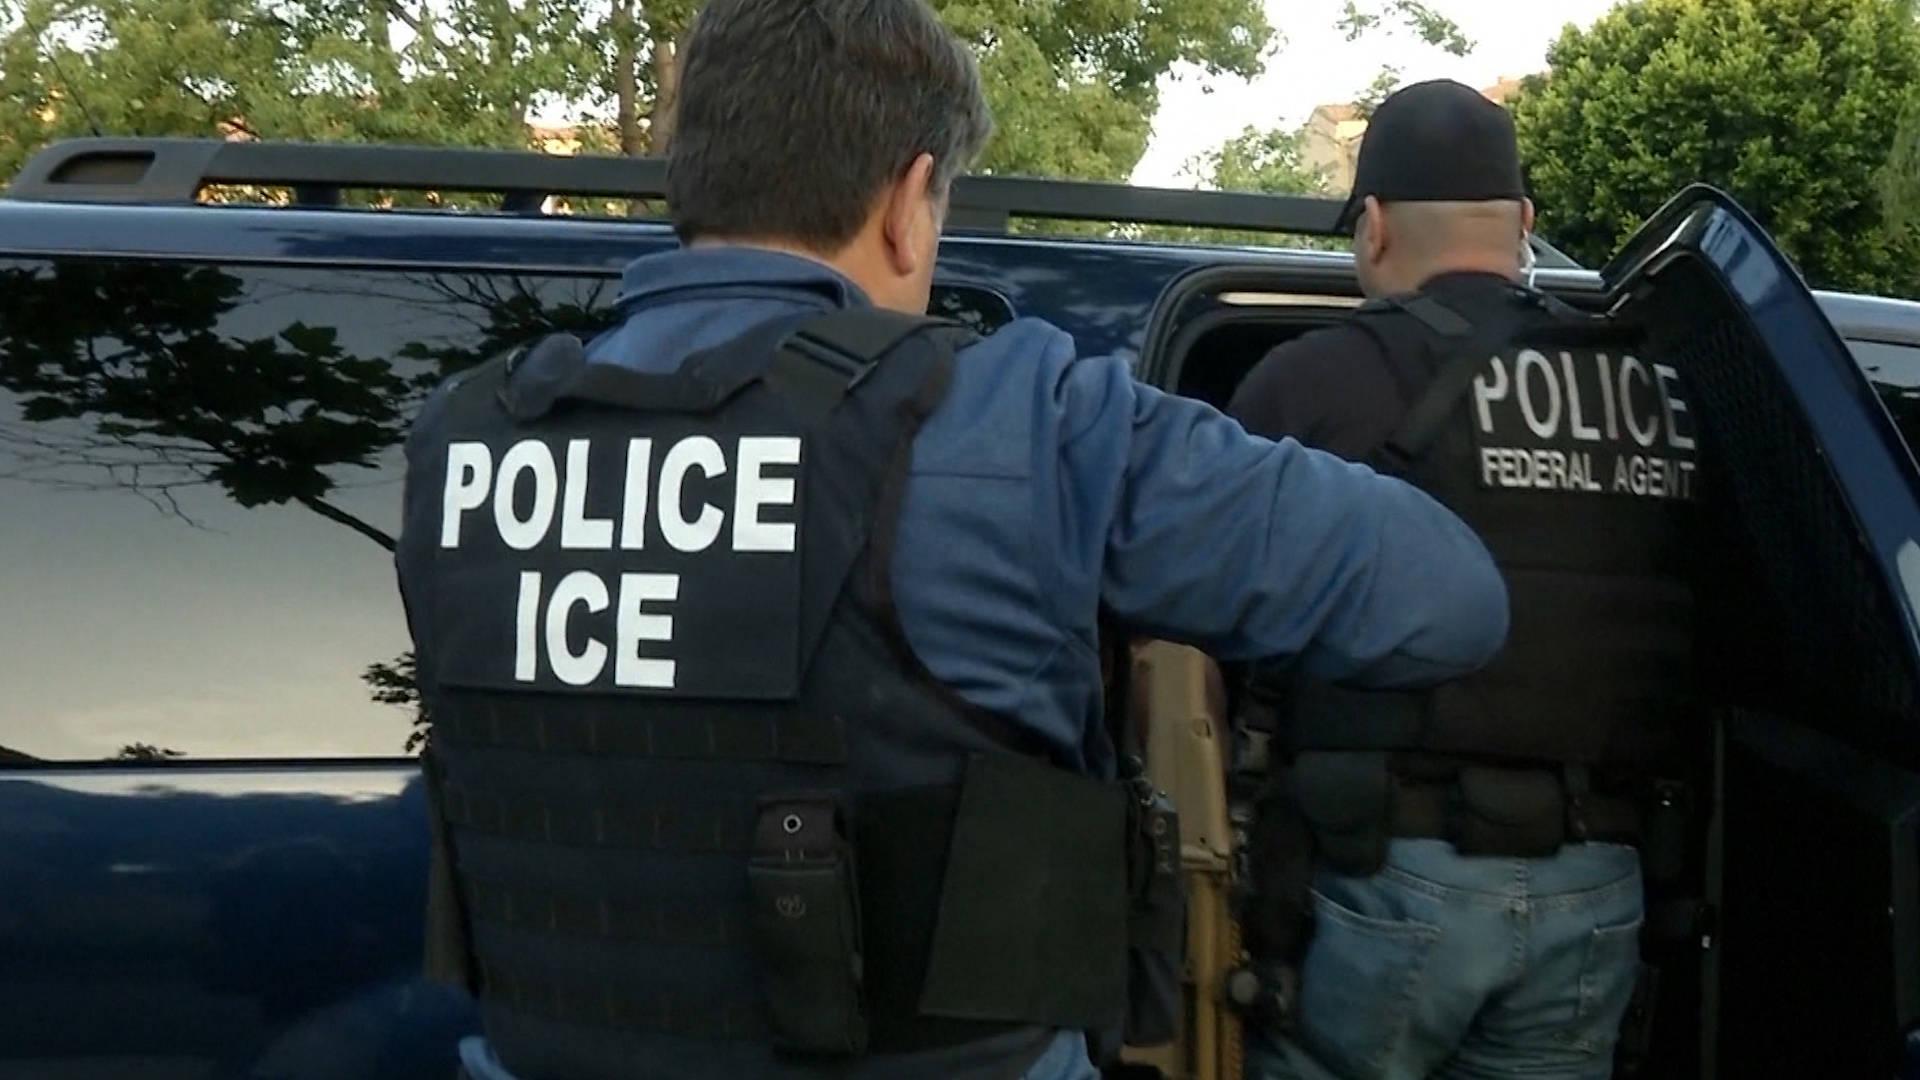 Foto18 ICE  Agentes do ICE realizam batidas, mas não puderam entrar em casas